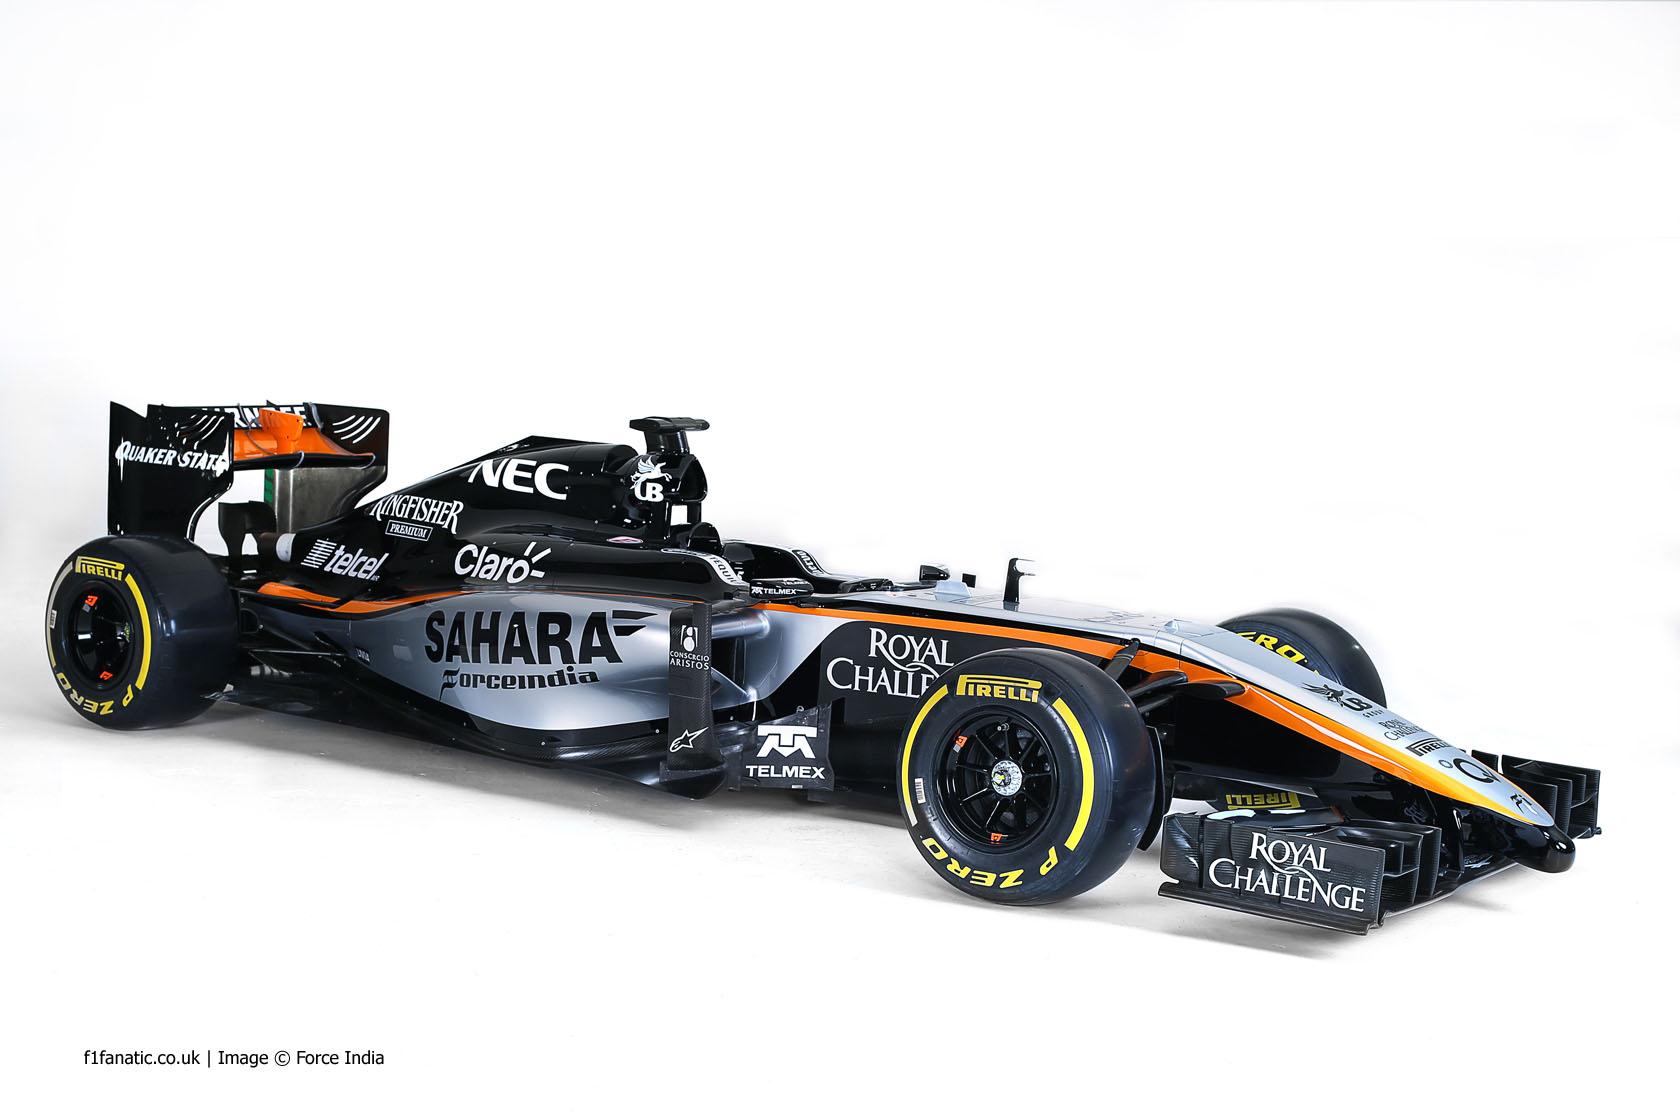 Inscripciones Pilotos F1 2016 rFactor 1 Jm1521ja02